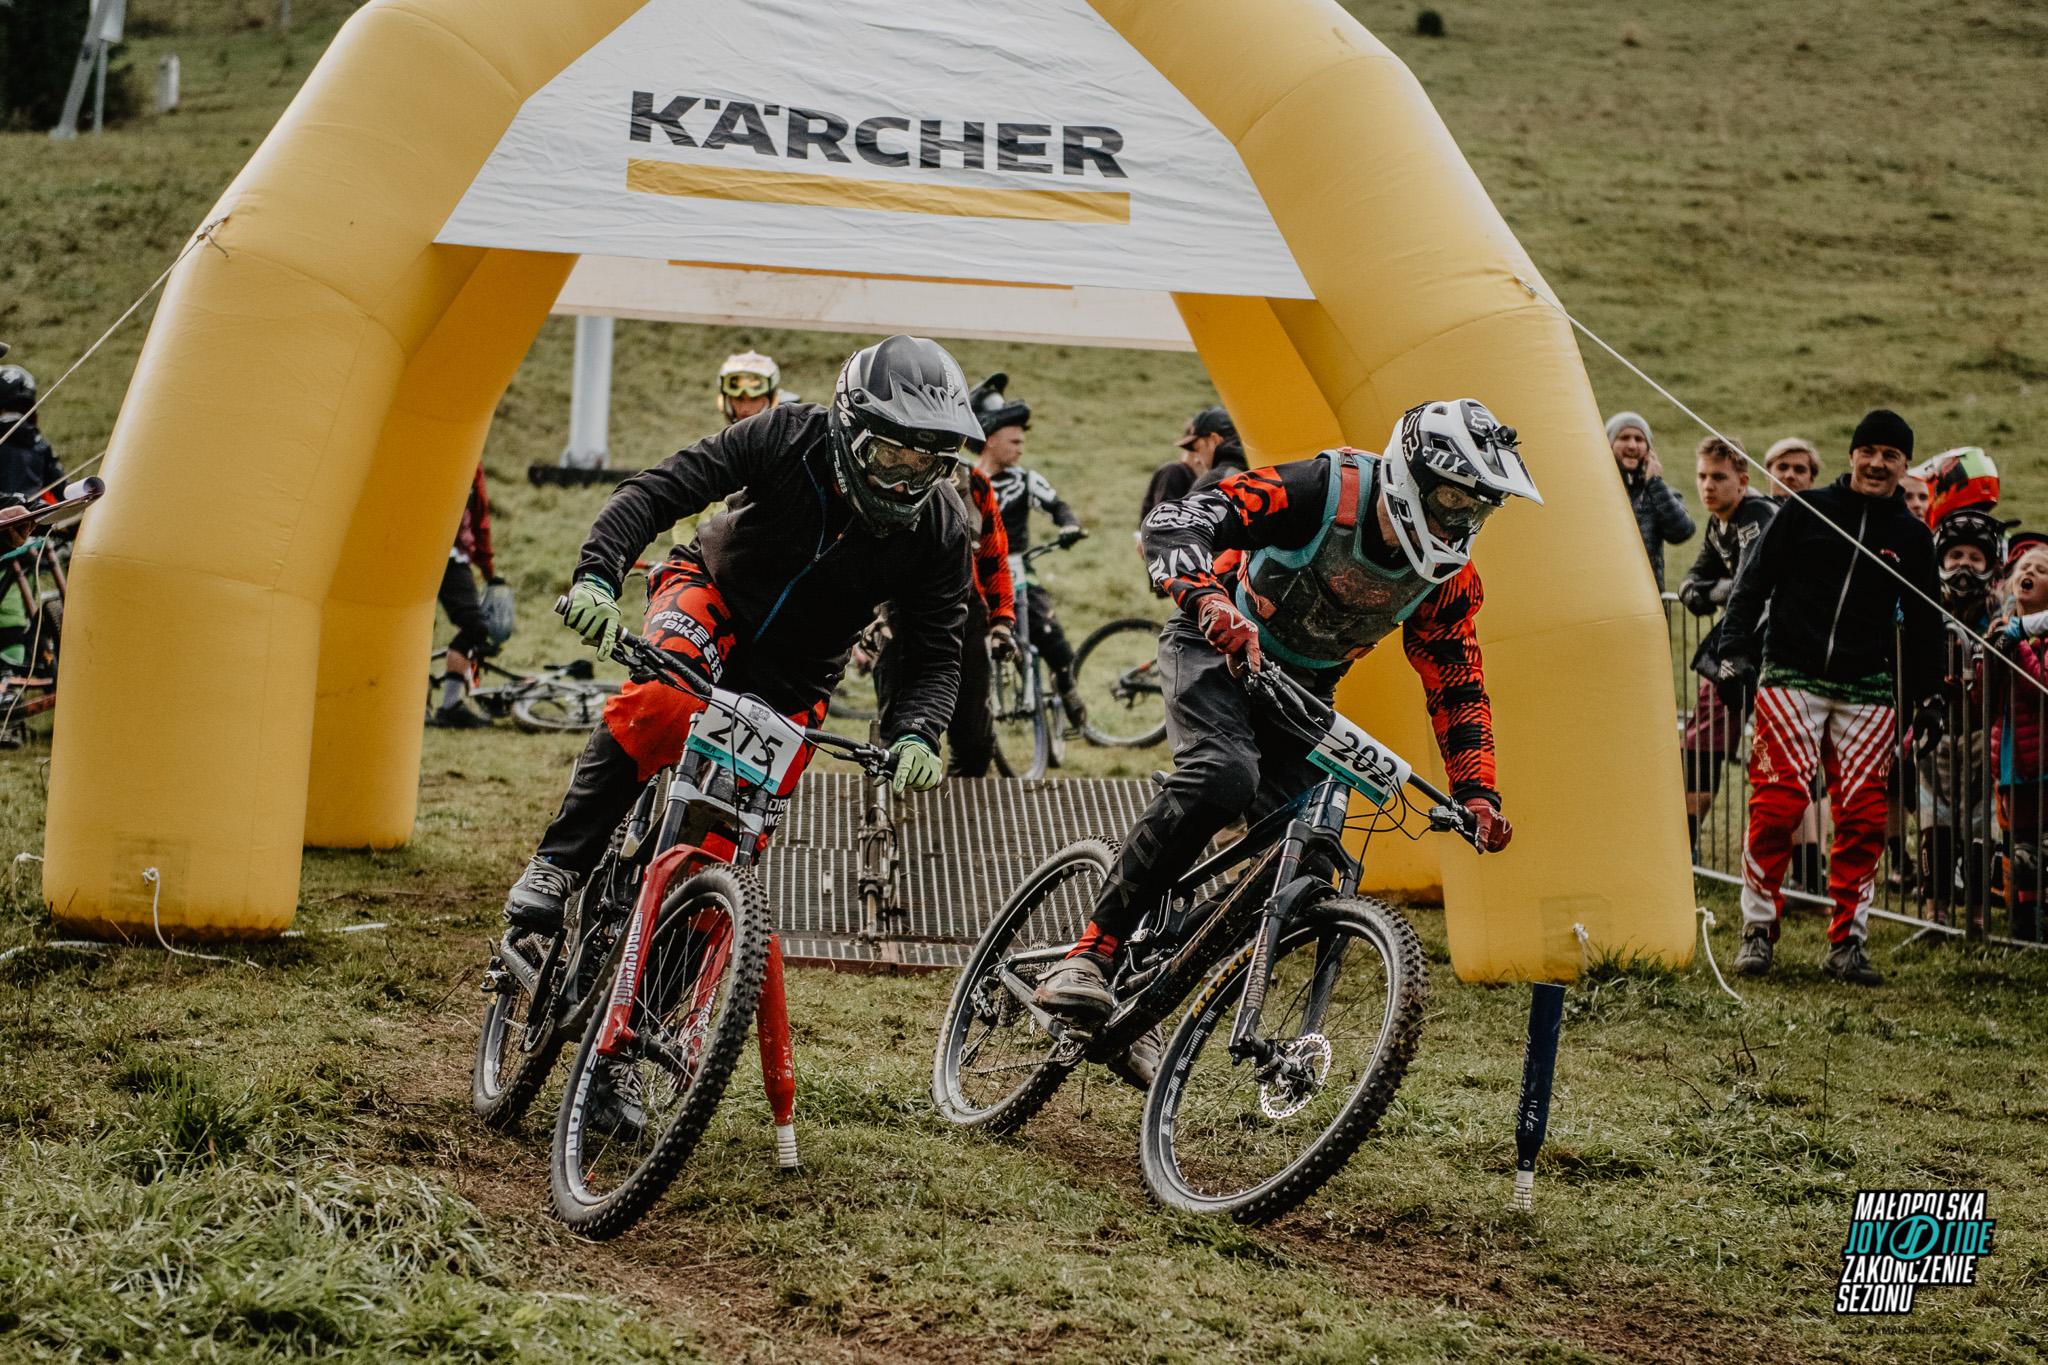 Informacje organizacyjne i wyniki na żywo – Małopolska Joy Ride Zakończenie Sezonu 2020